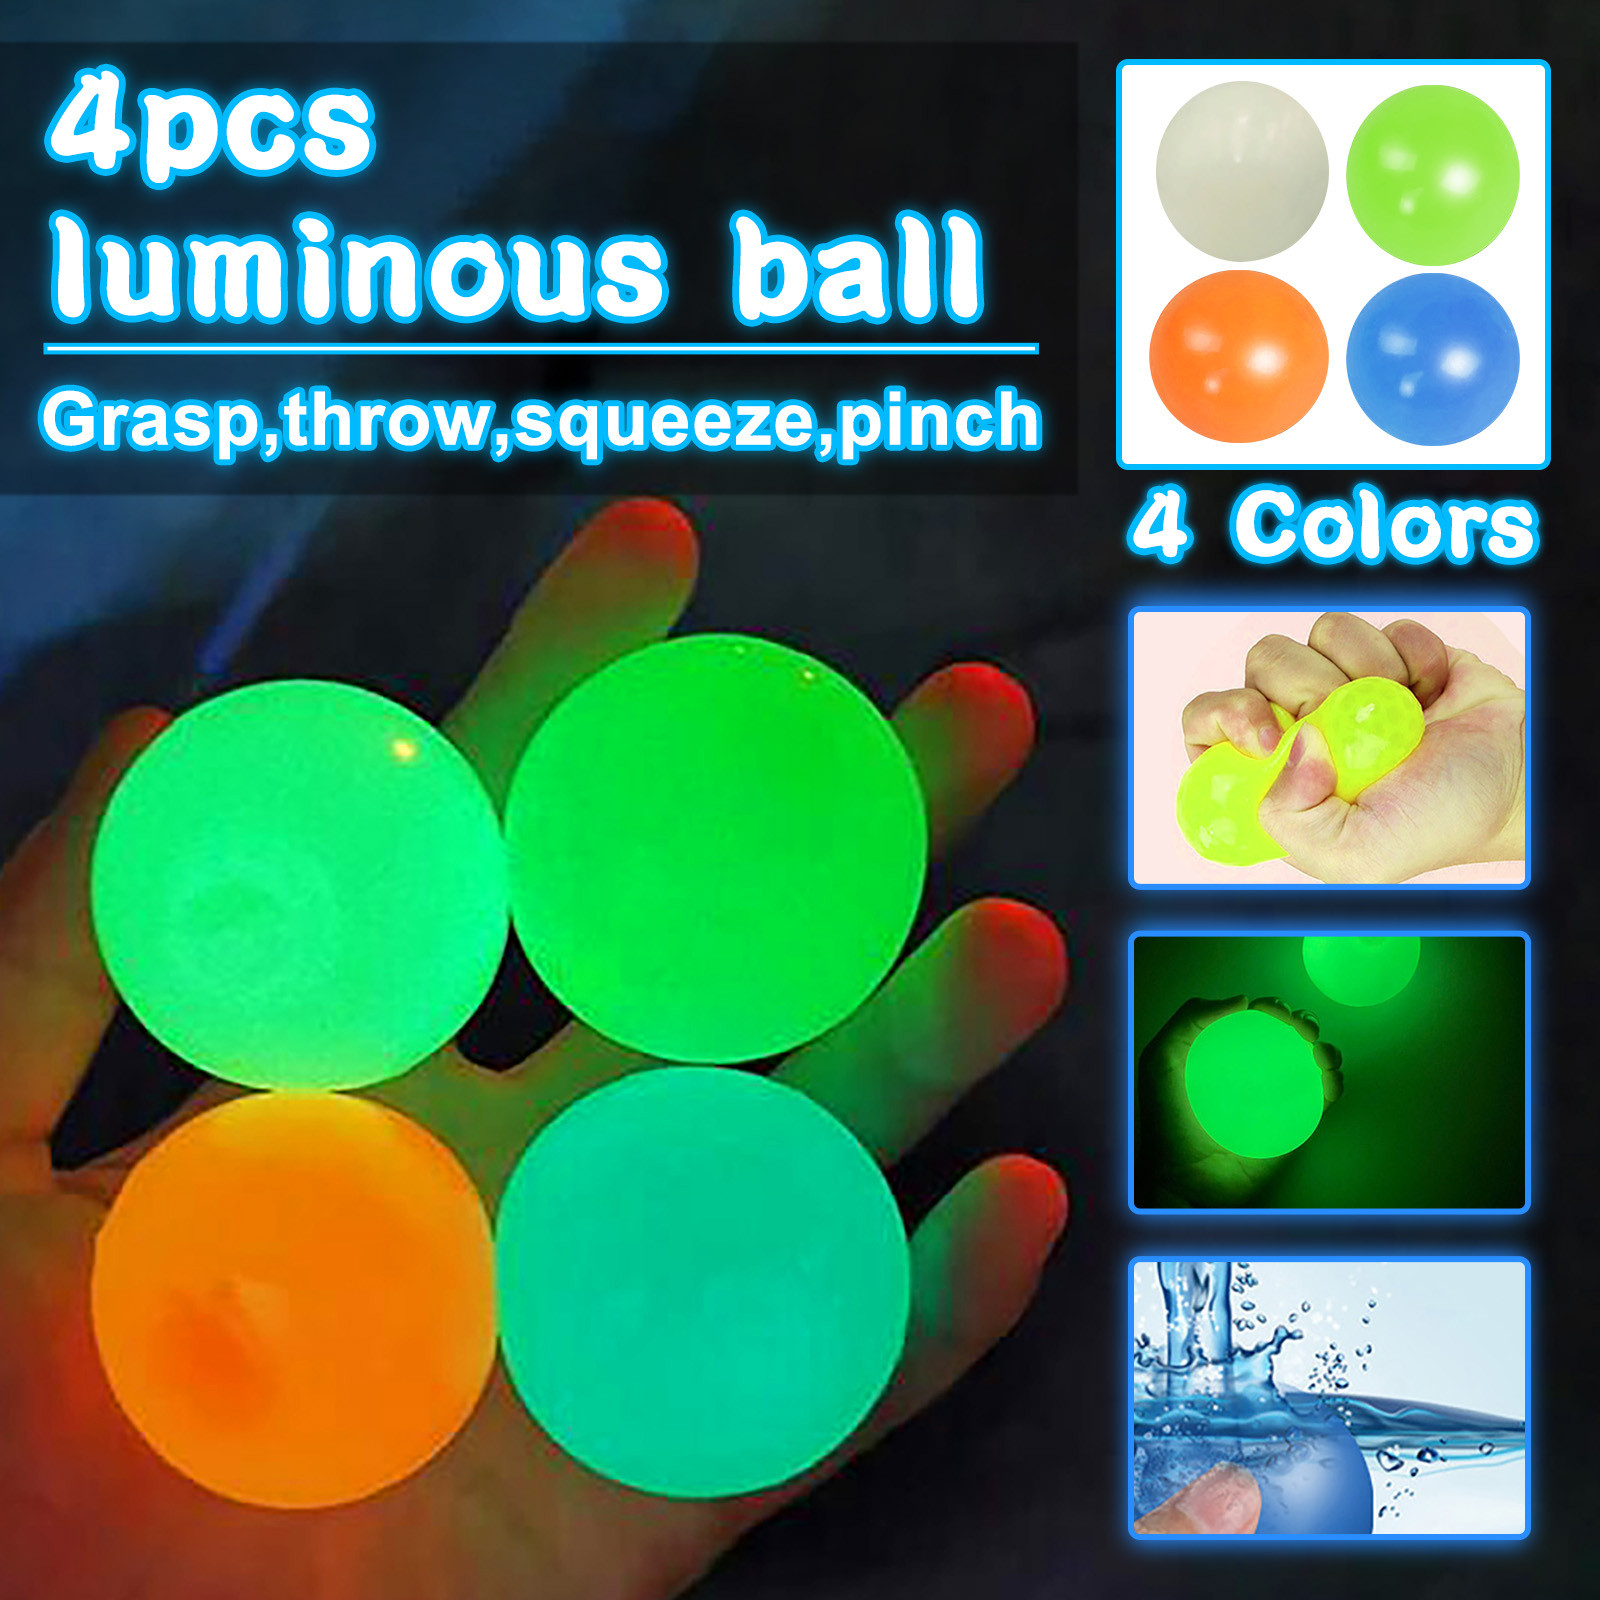 Игрушка для снятия стресса, светящиеся шары тревоги Давление игрушки Многоцветный липкая стена шар для дома вечерние светящиеся украшения ...